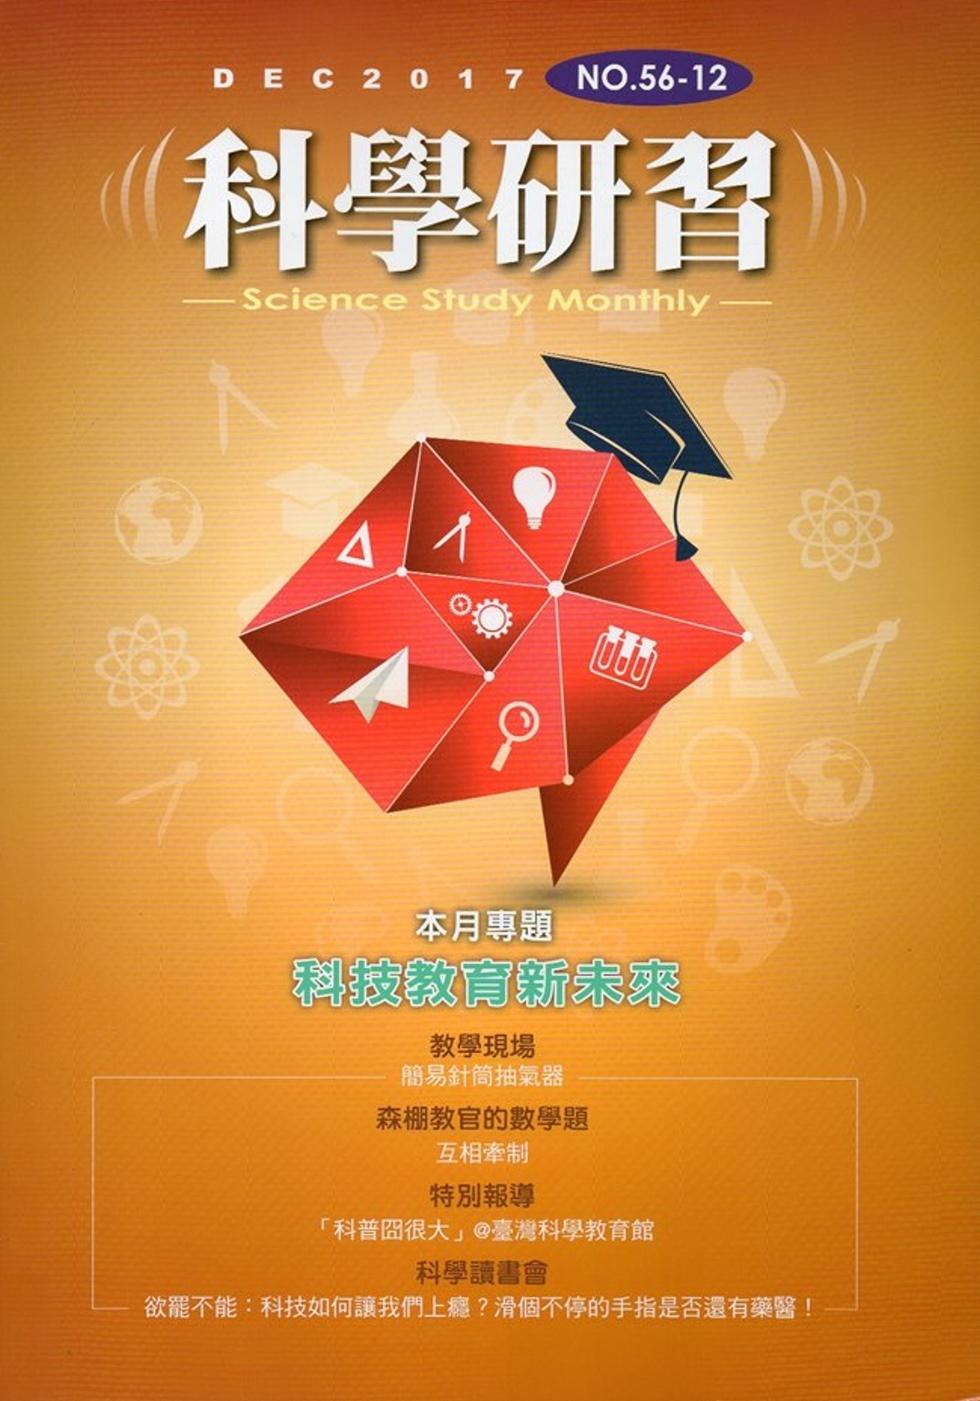 科學研習月刊56卷12期(106.12)